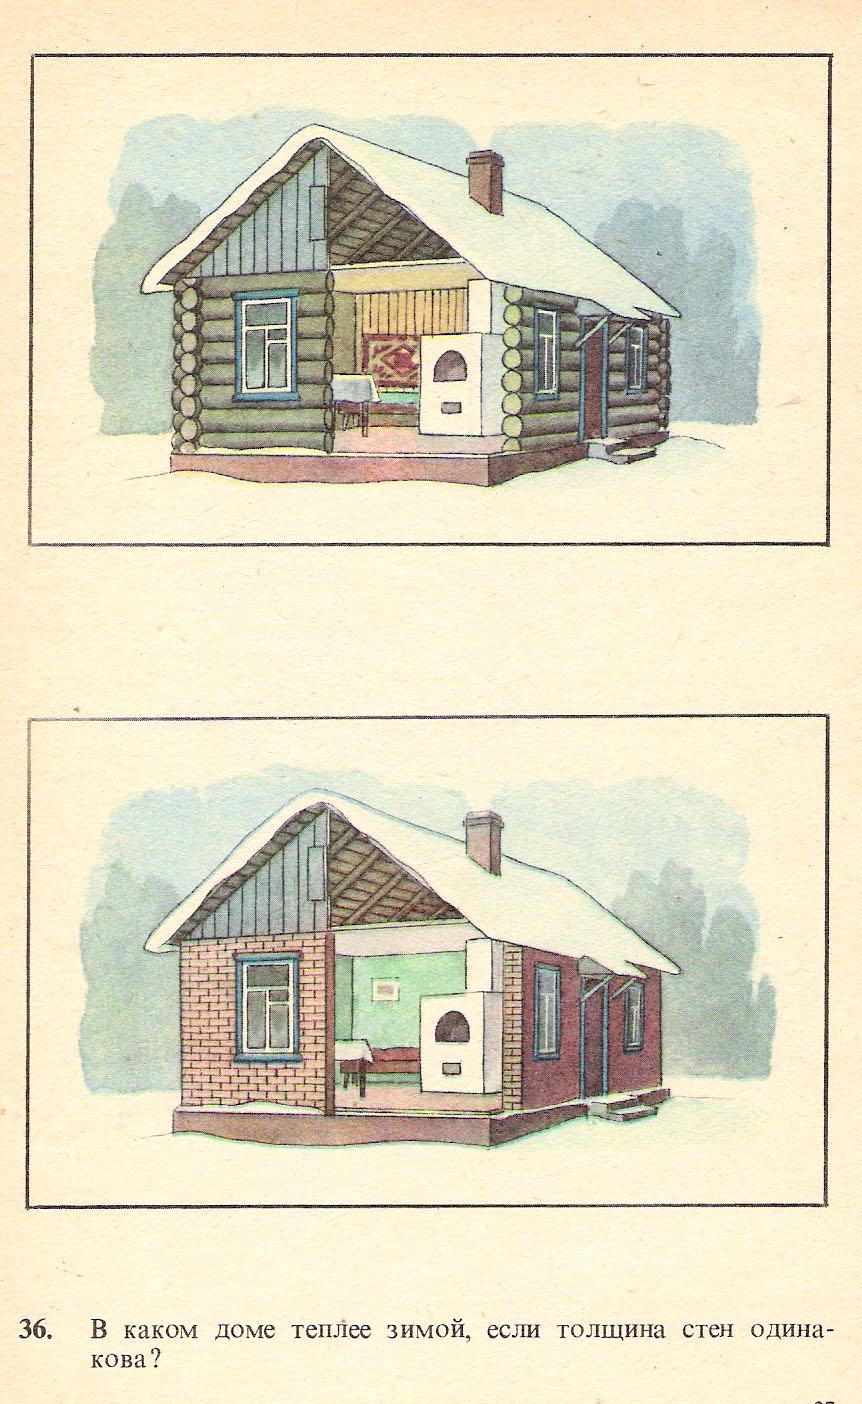 D:\игорь физика\Занимательные мероприятия, задания, уроки\физика в рисунках\36 в каком доме теплее.jpg